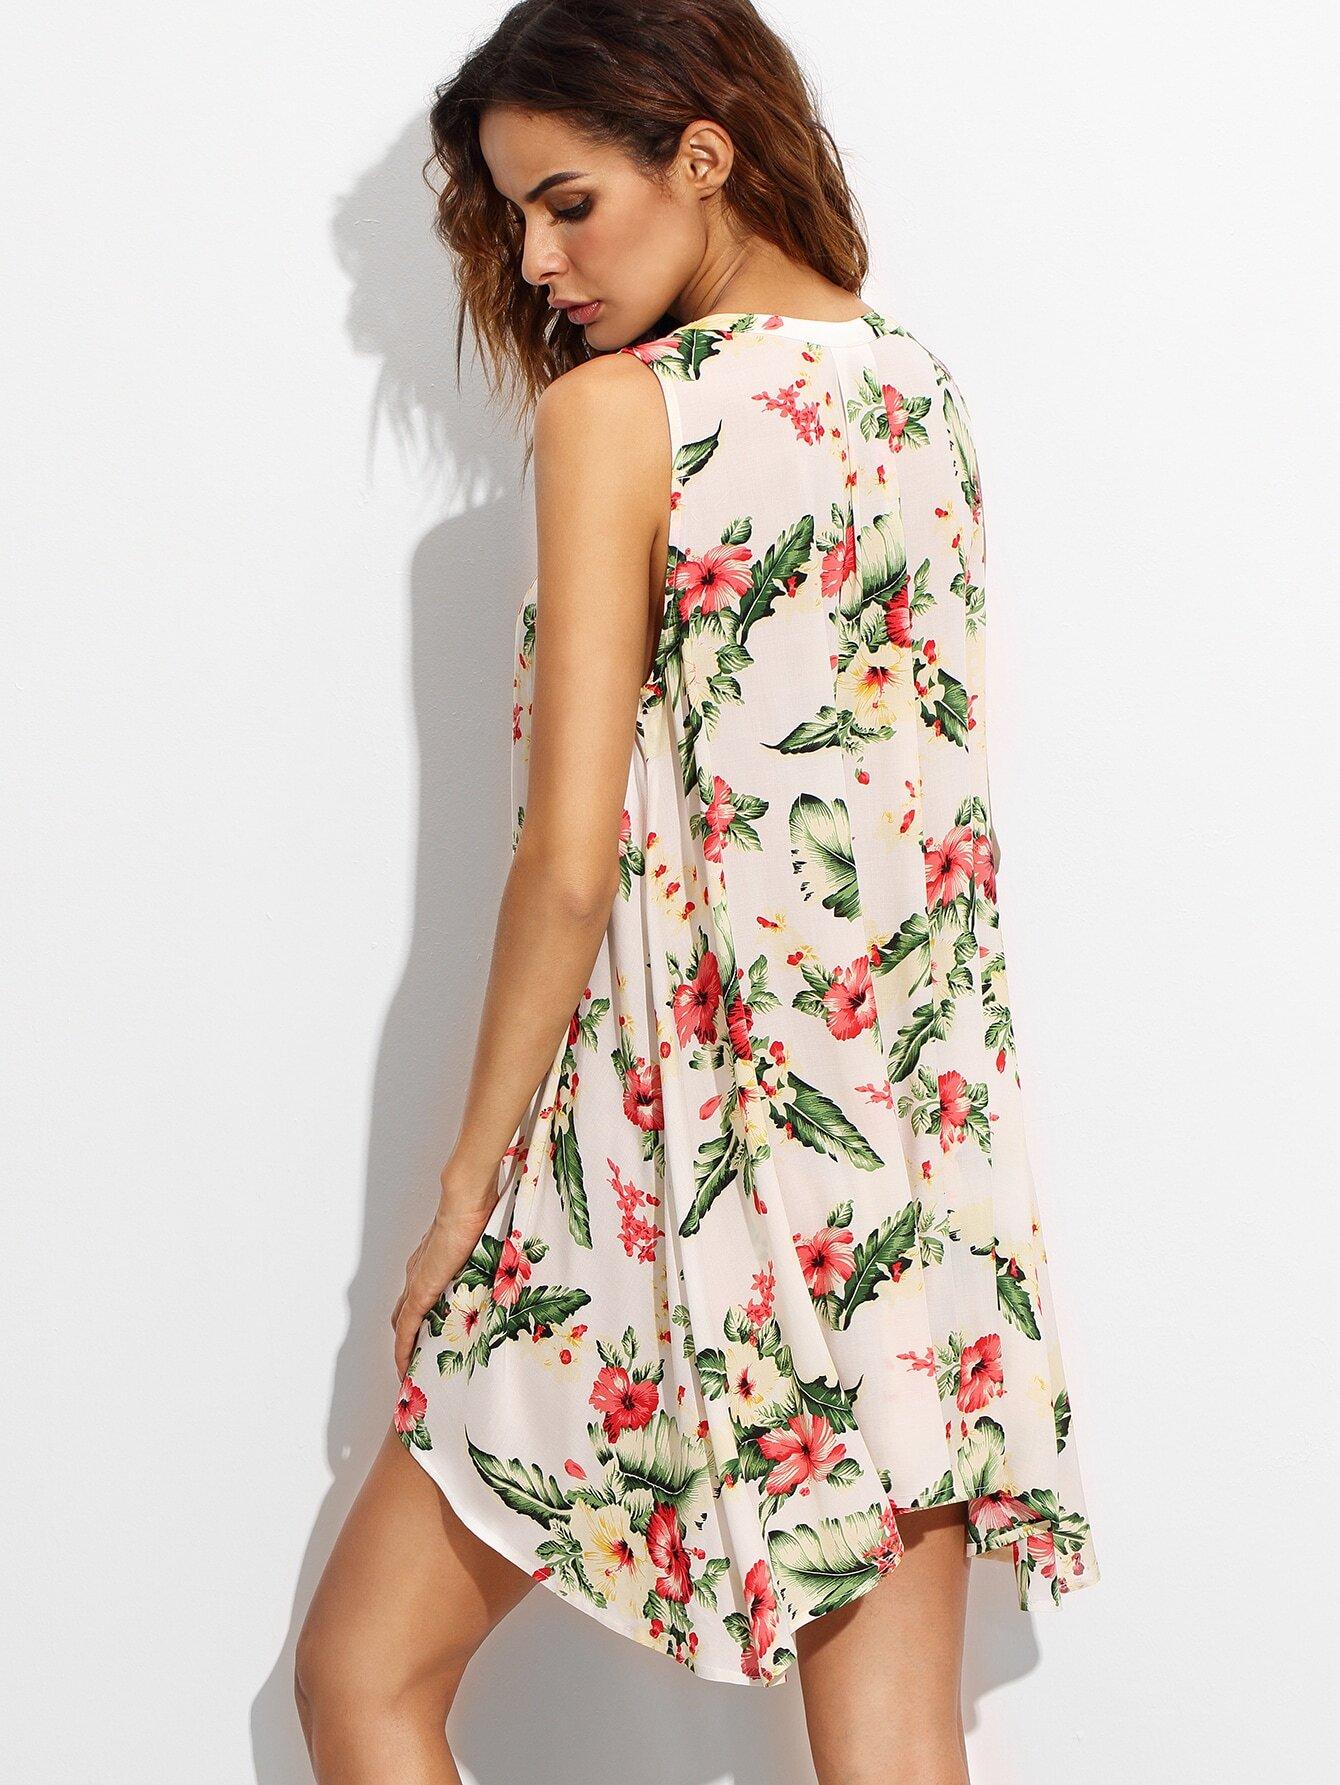 dress160804711_3